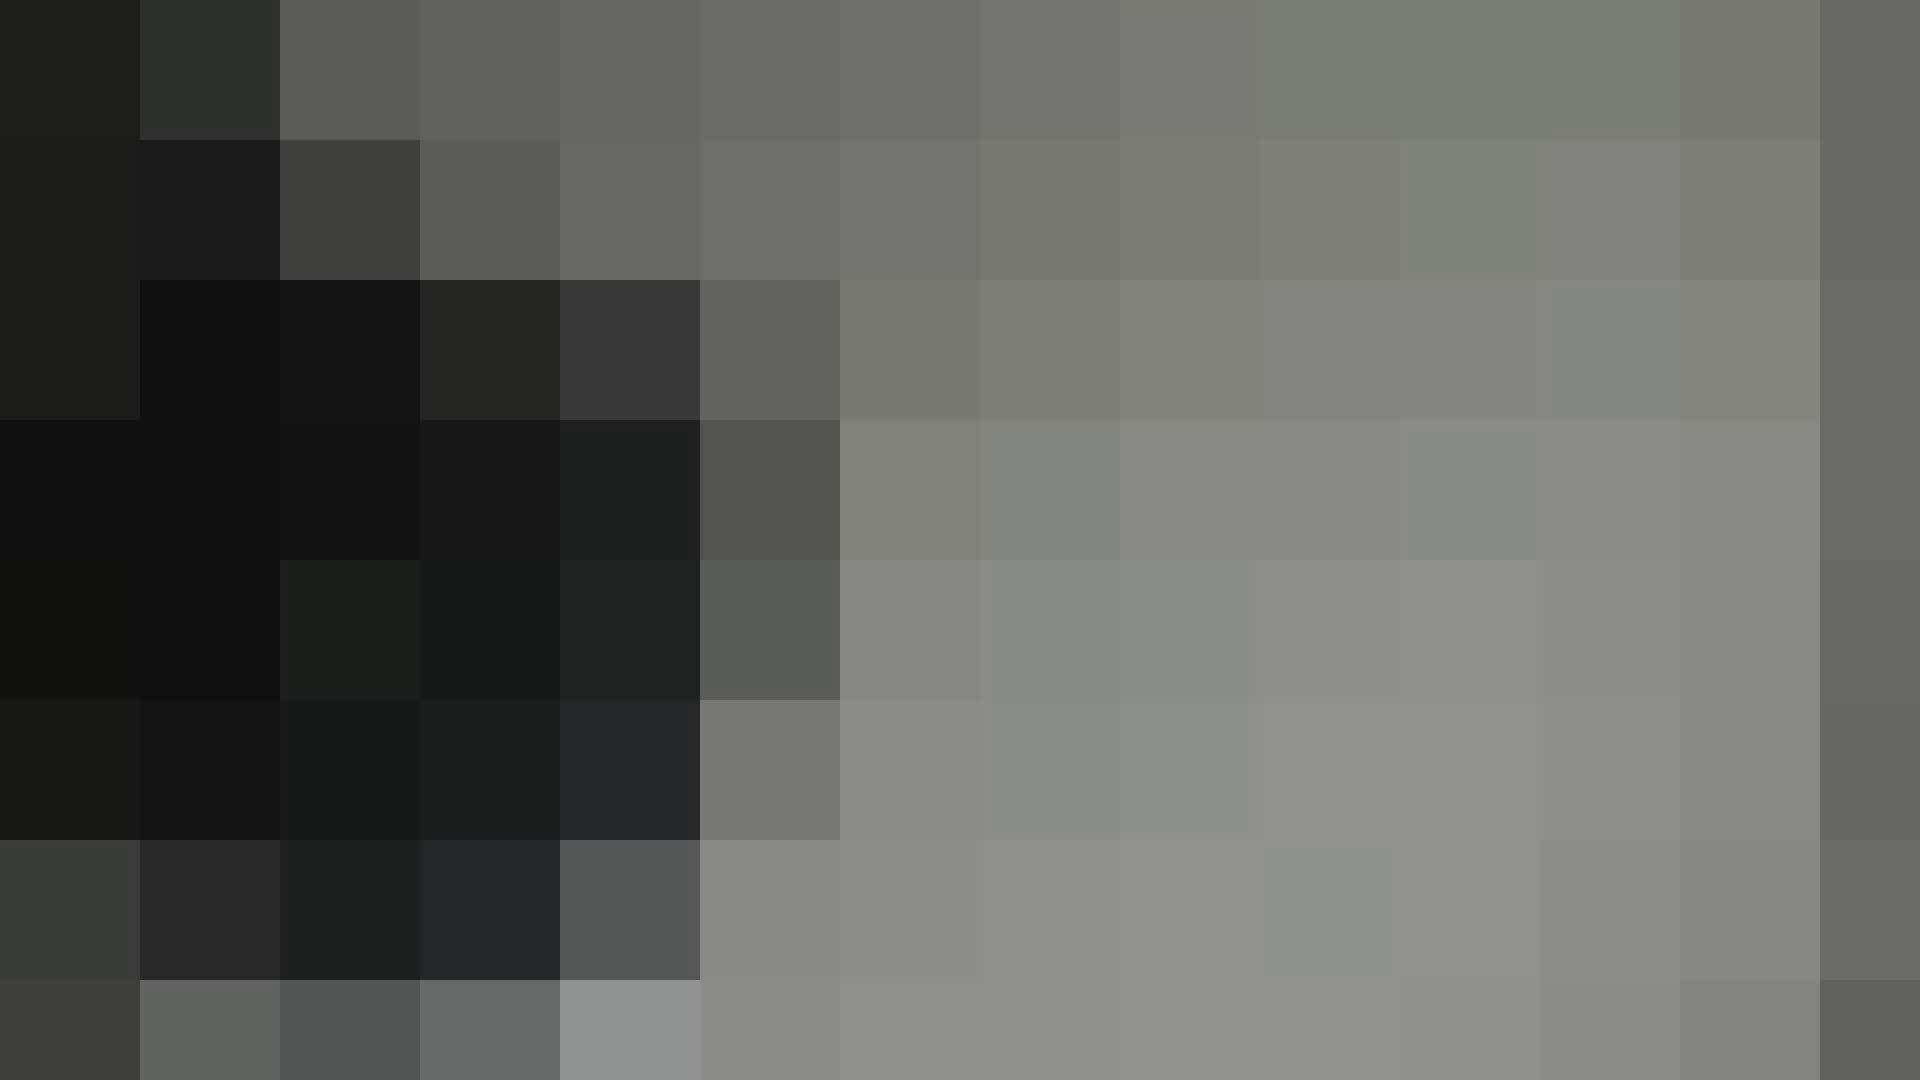 世界の射窓から vol.44 お上品そうな OL  93pic 13